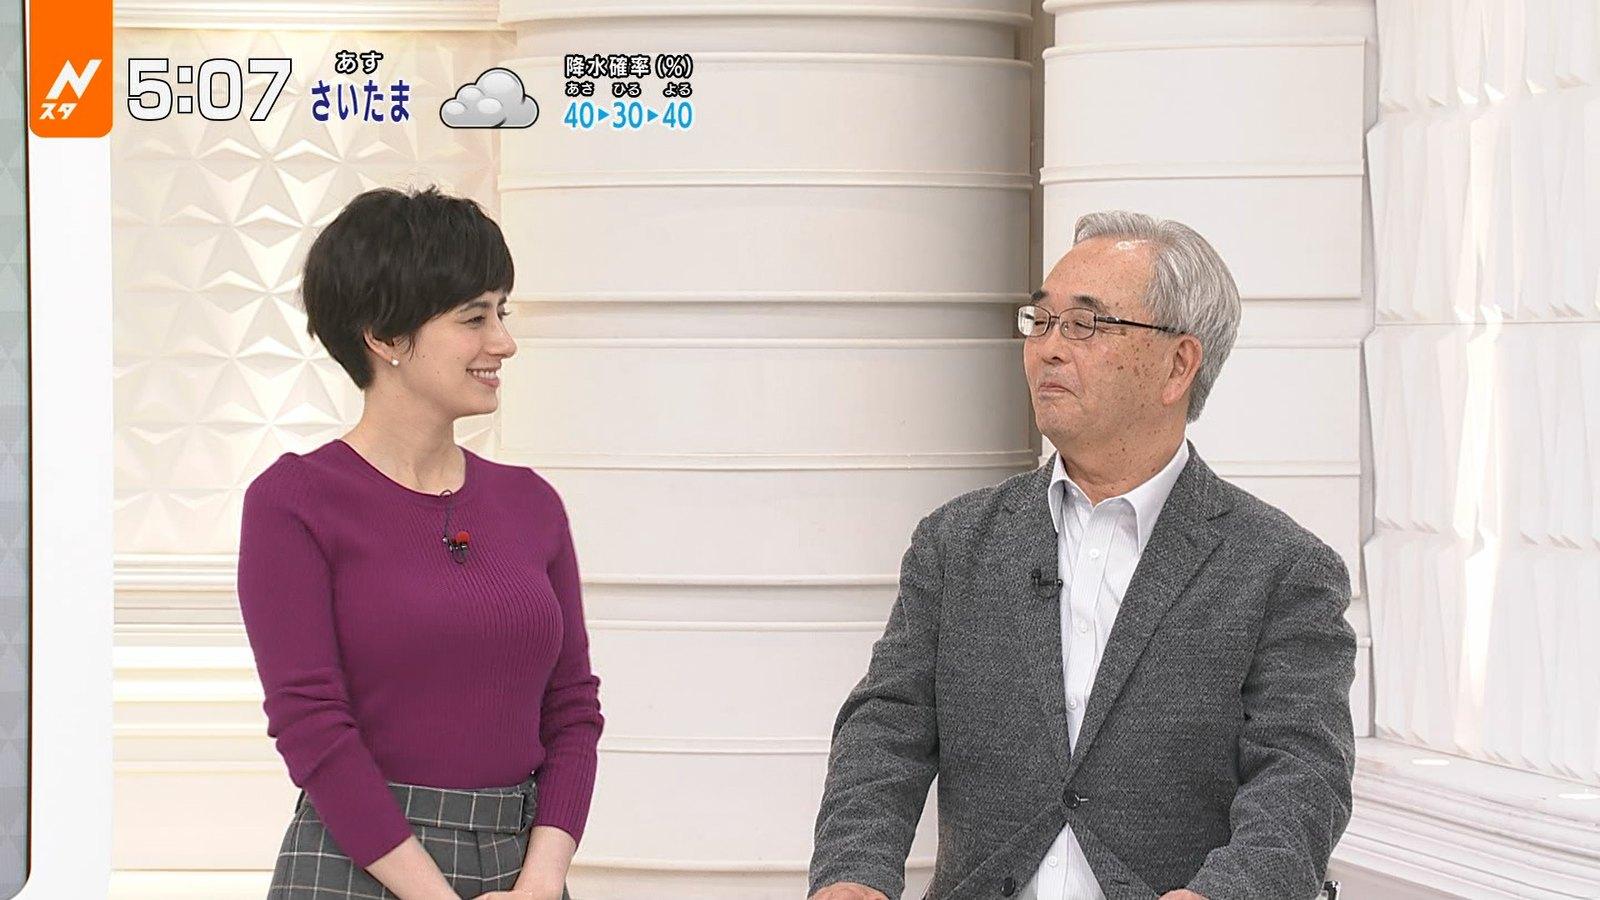 2019年9月3日にTBS系列で放送された「Nスタ」に出演したタレント・ホラン千秋さんのテレビキャプチャー画像-009